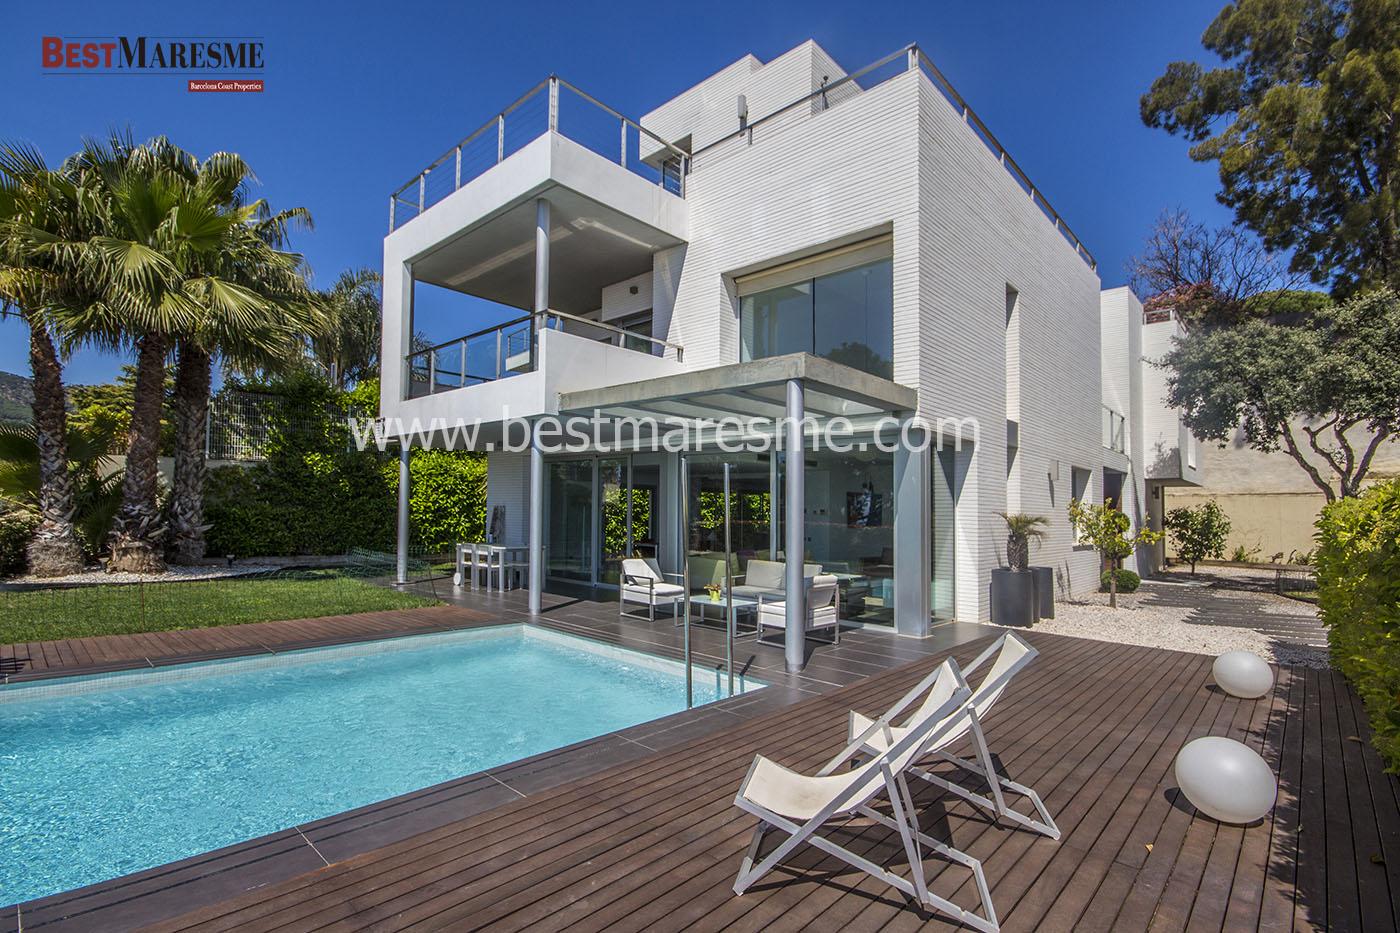 Casa de lujo y diseño con bonitas vistas al mar